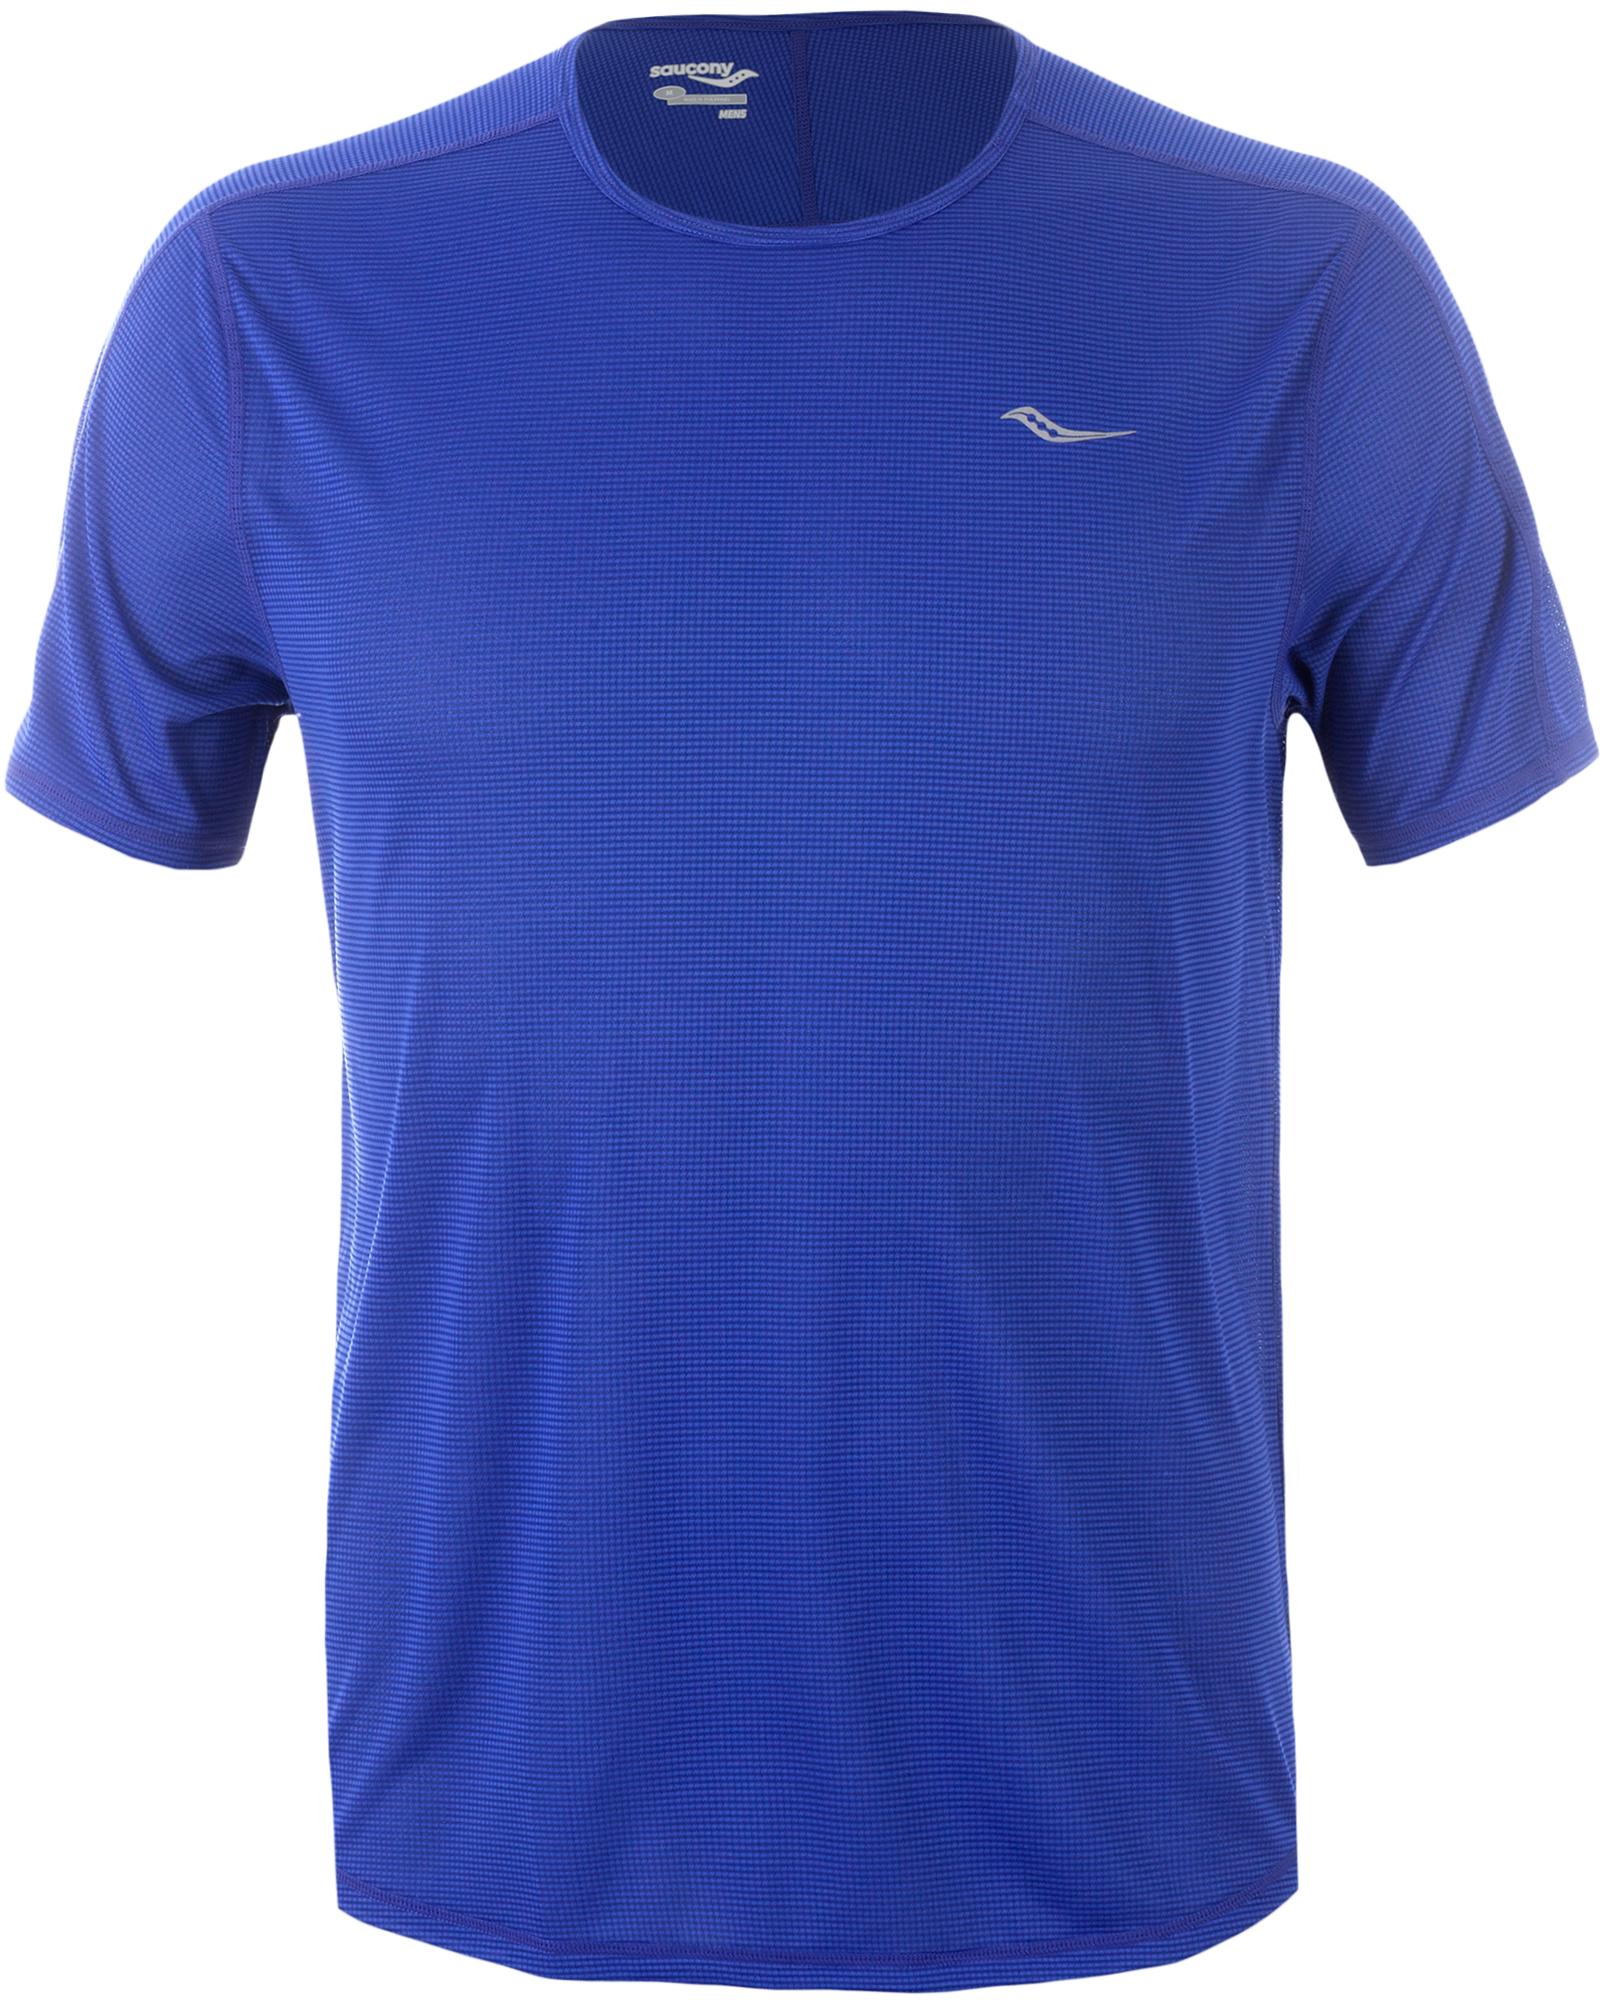 футболка мужская Saucony Футболка мужская Saucony Hydralite